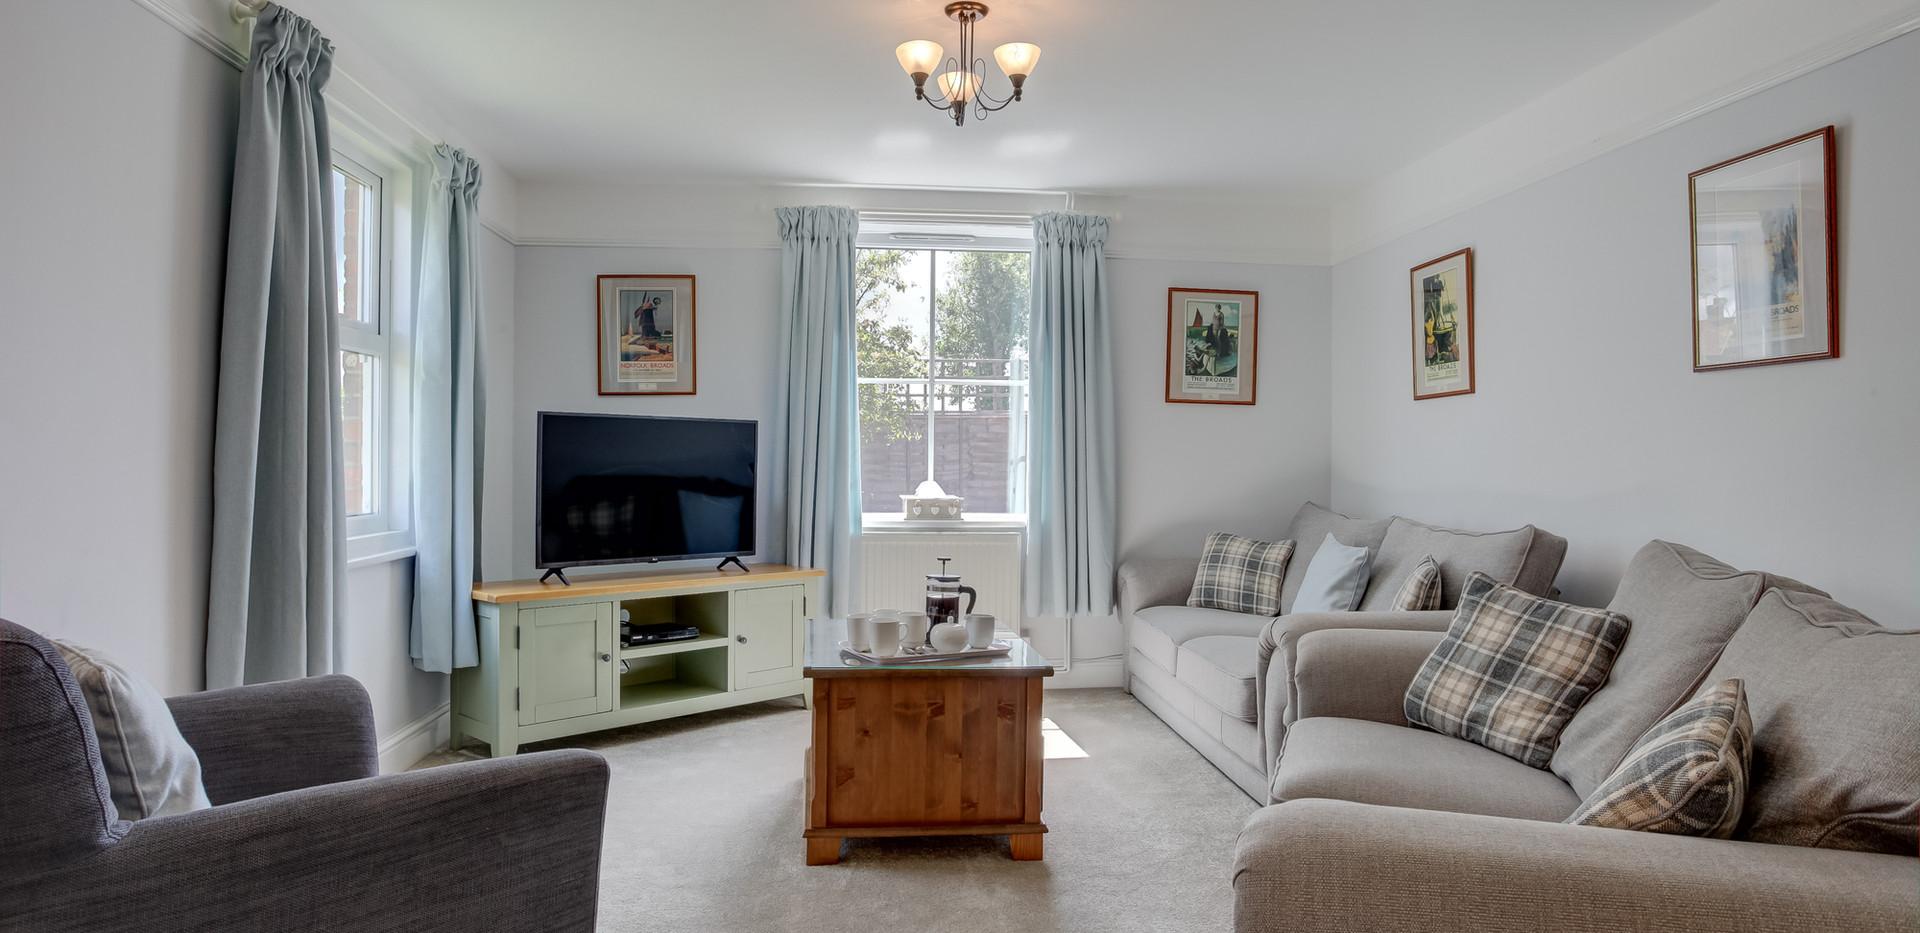 Riverside-living-room-1.jpg